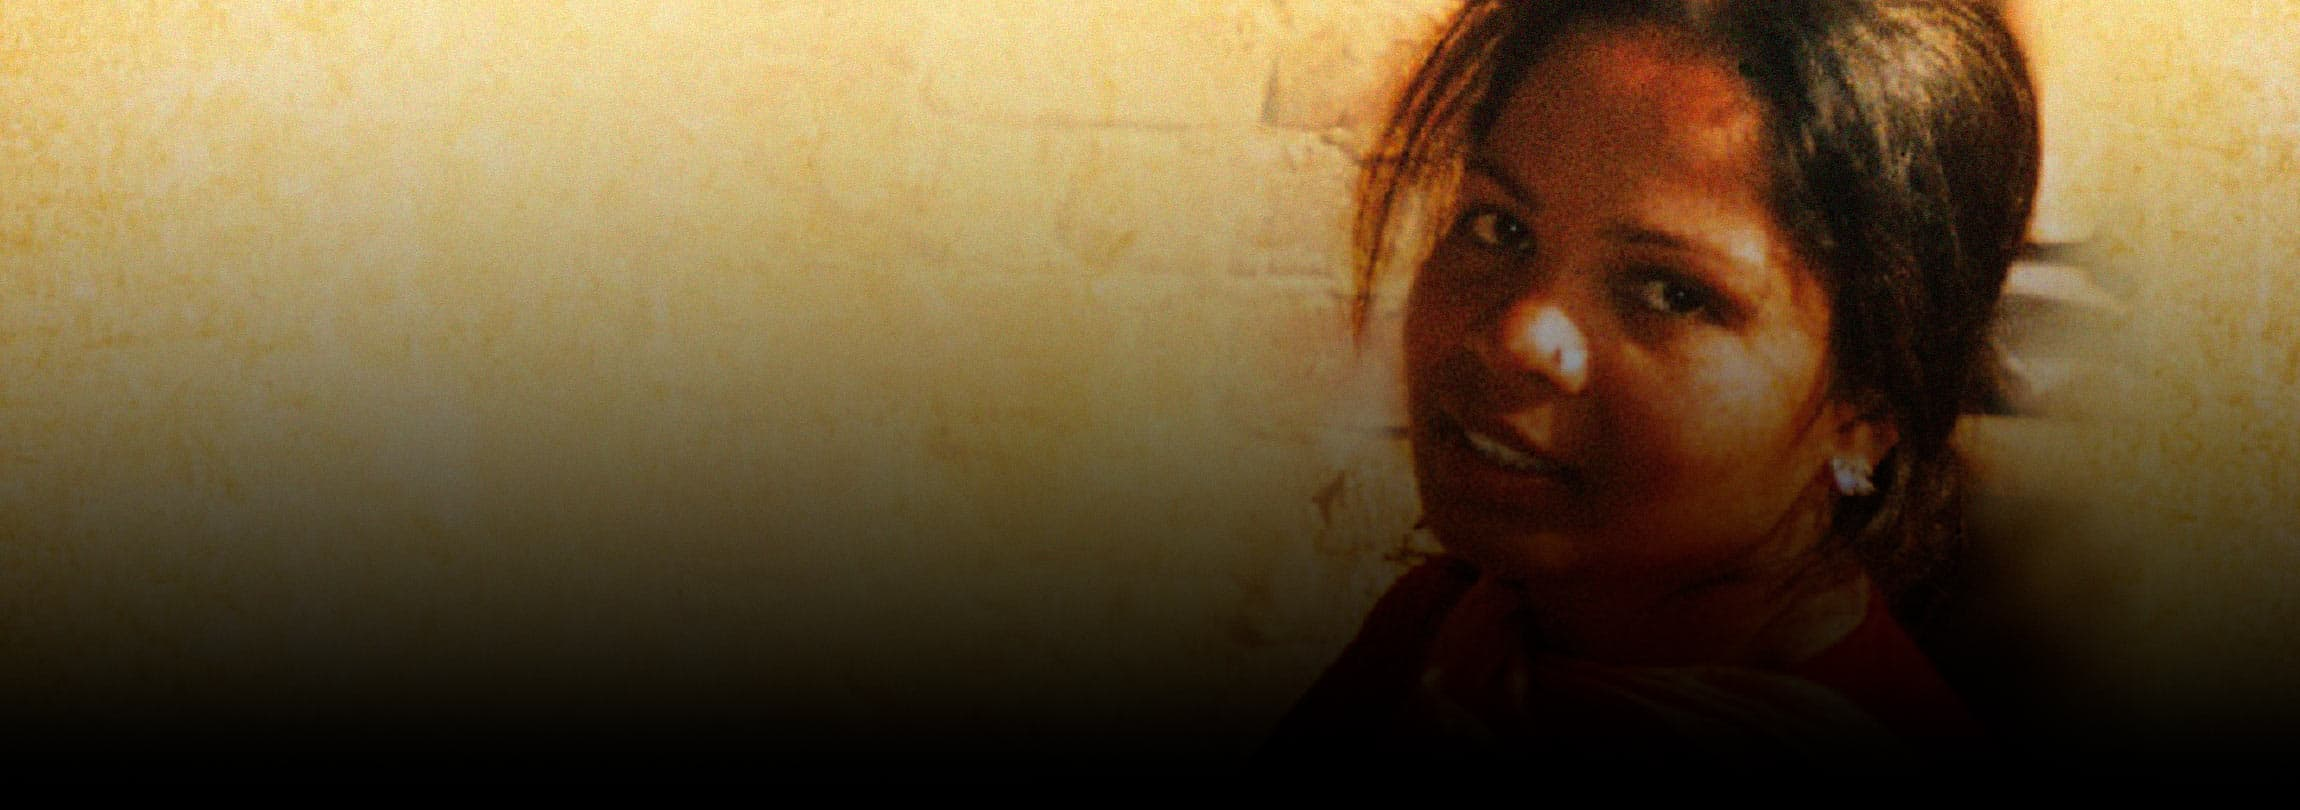 """""""Meus filhos, não percam o valor nem a fé em Jesus Cristo"""", escreve Asia Bibi"""